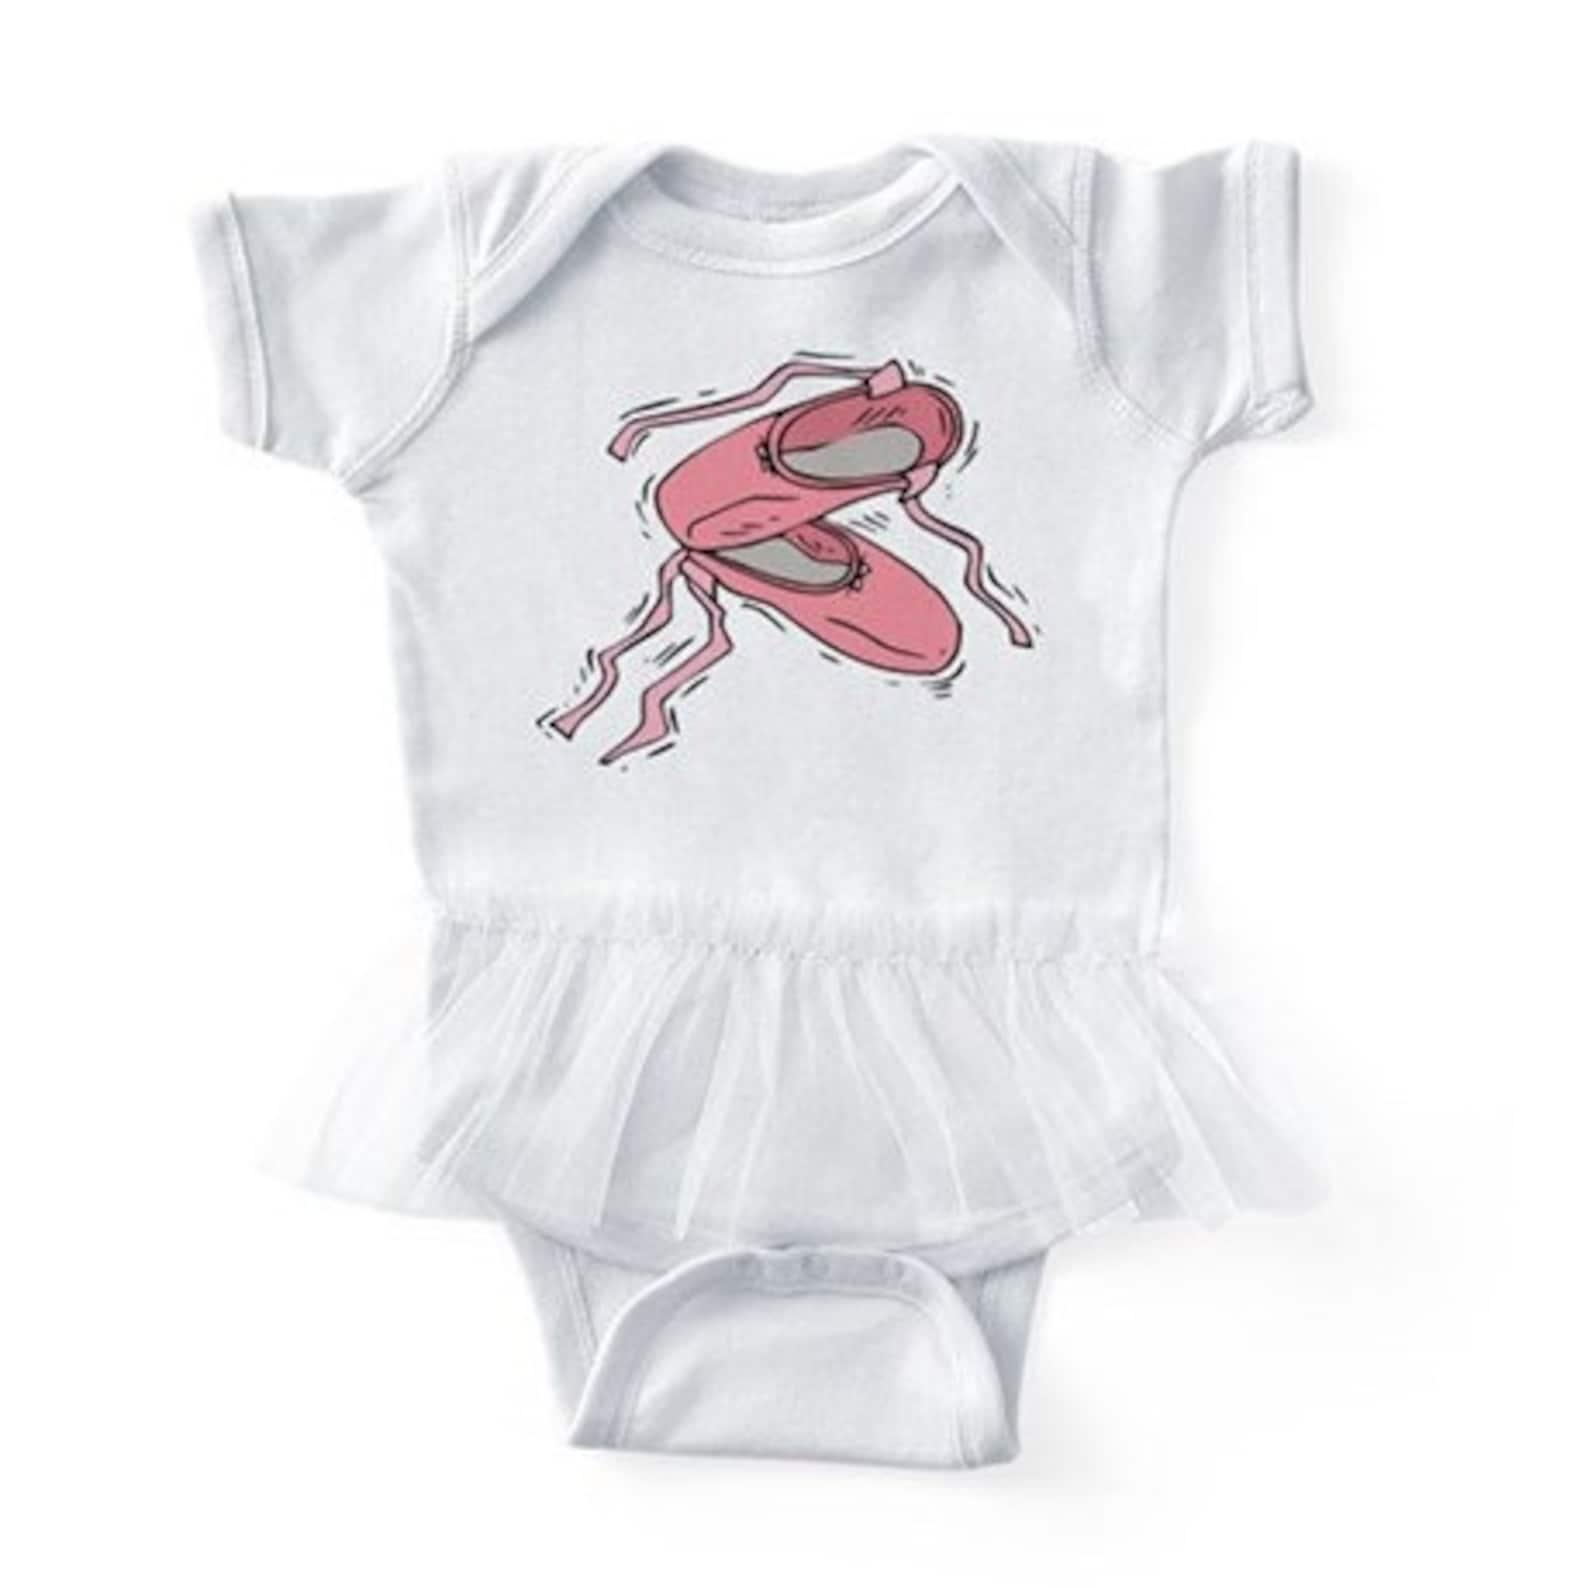 ballet shoes #2 infant tutu bodysuit